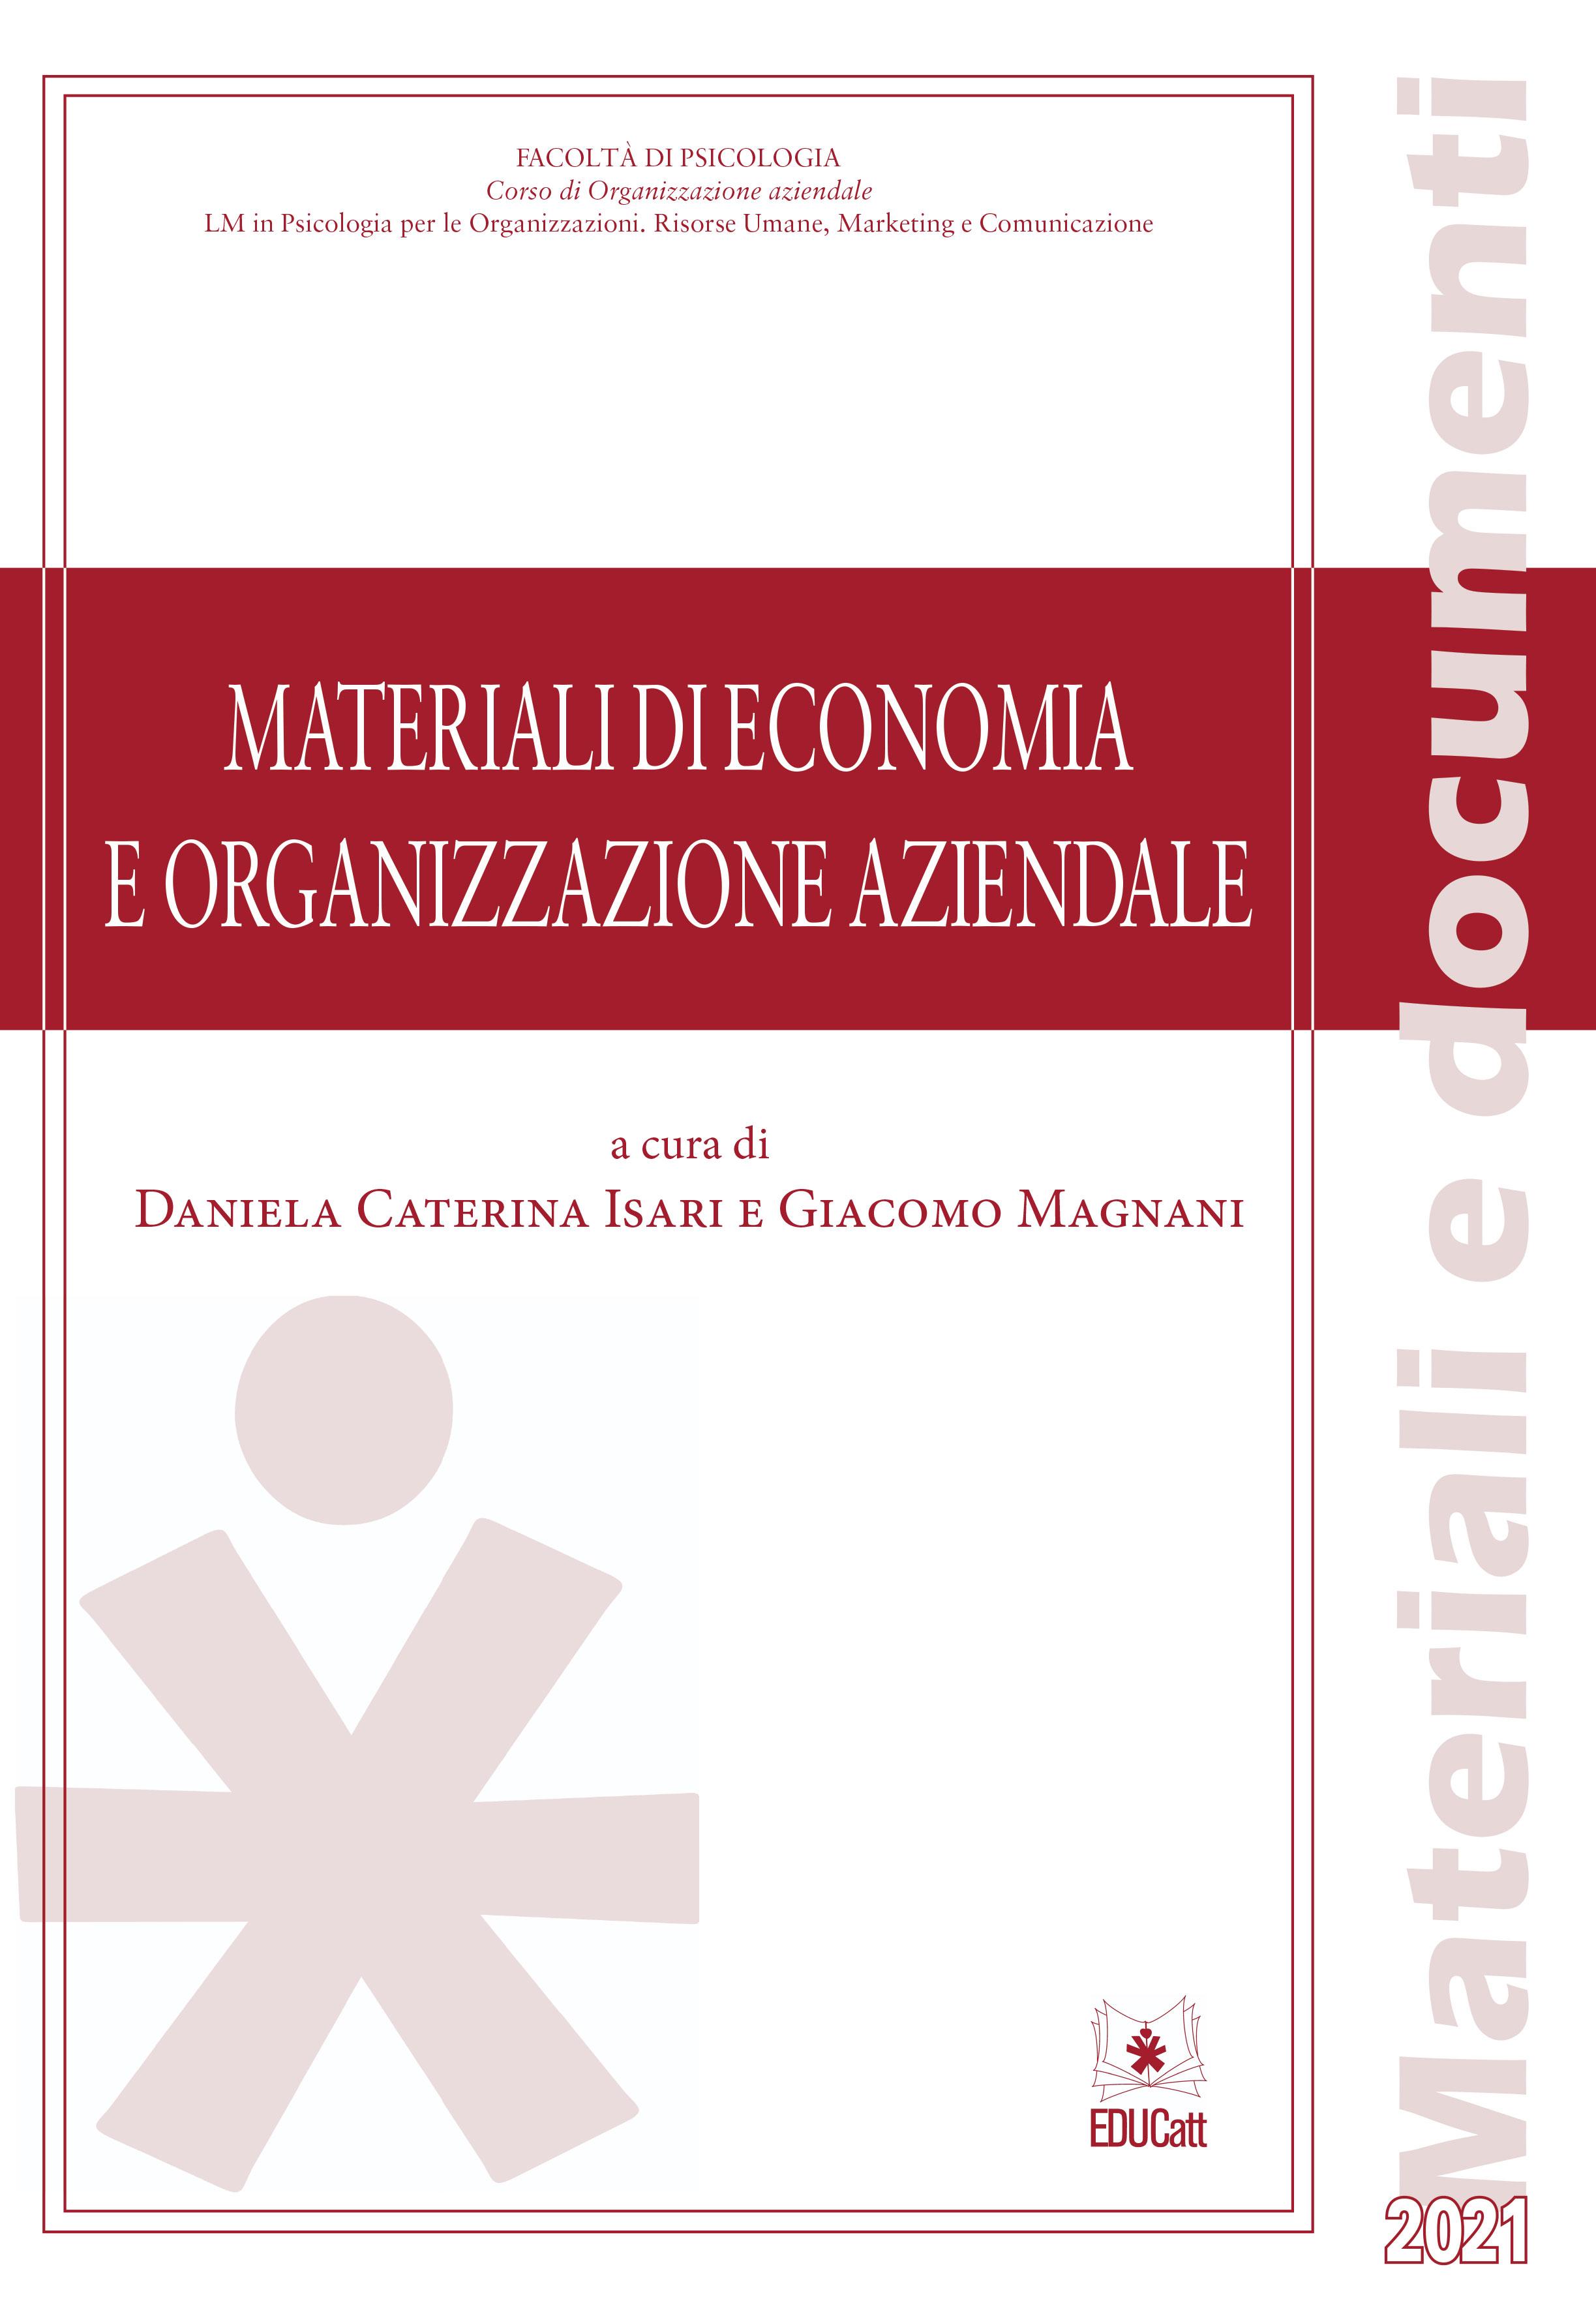 MATERIALI DI ECONOMIA E ORGANIZZAZIONE AZIENDALE 2021